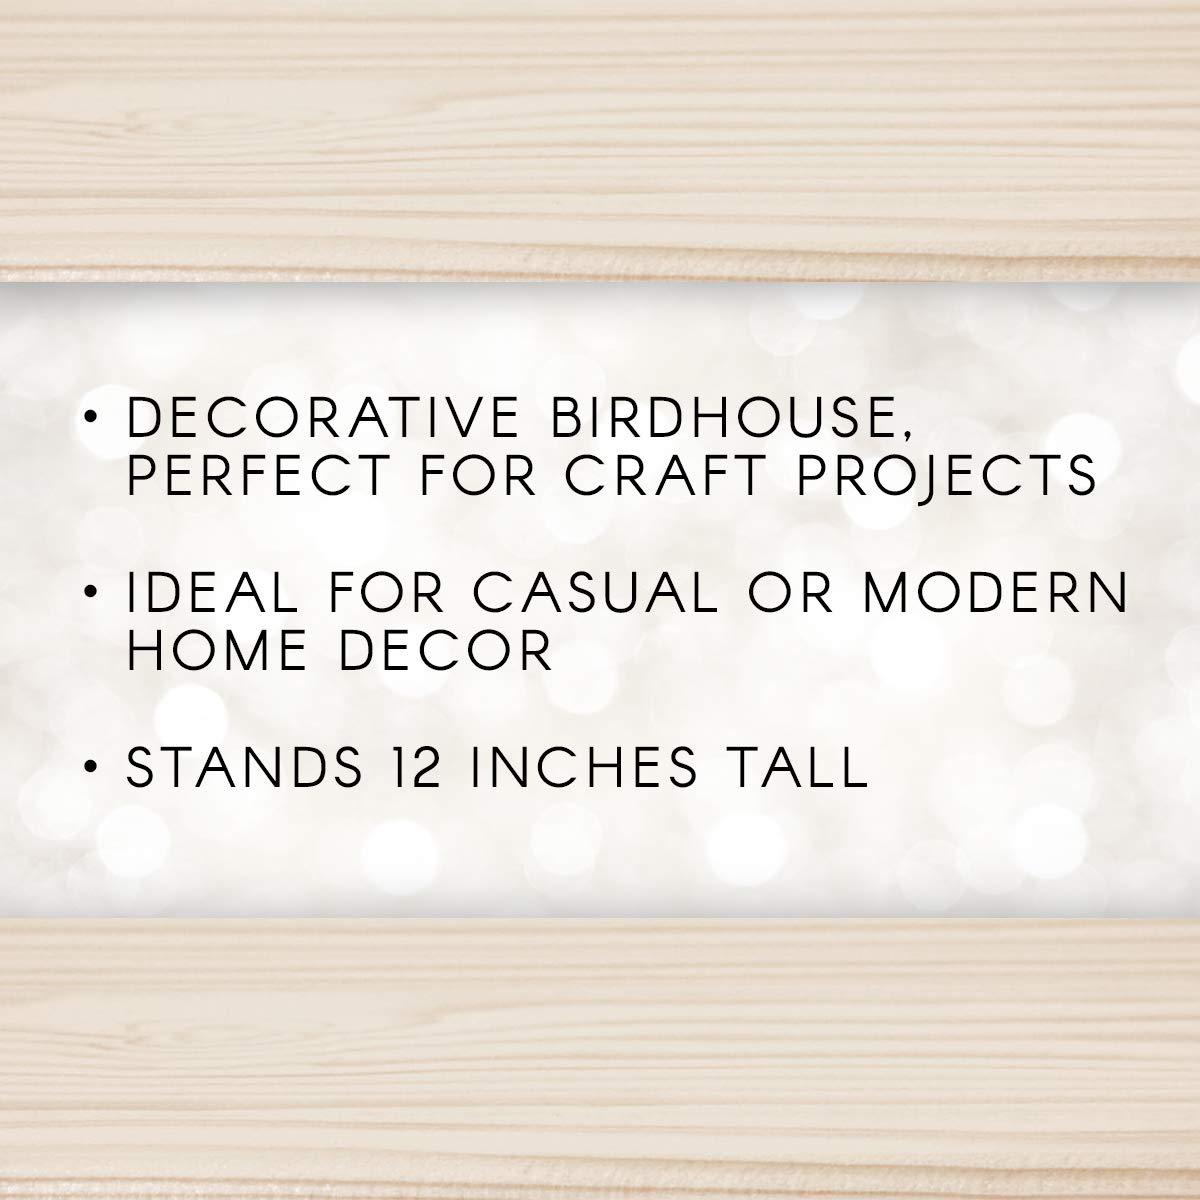 Darice 9166-54 Natural Wood Birdhouse Manhatton, 12-Inch